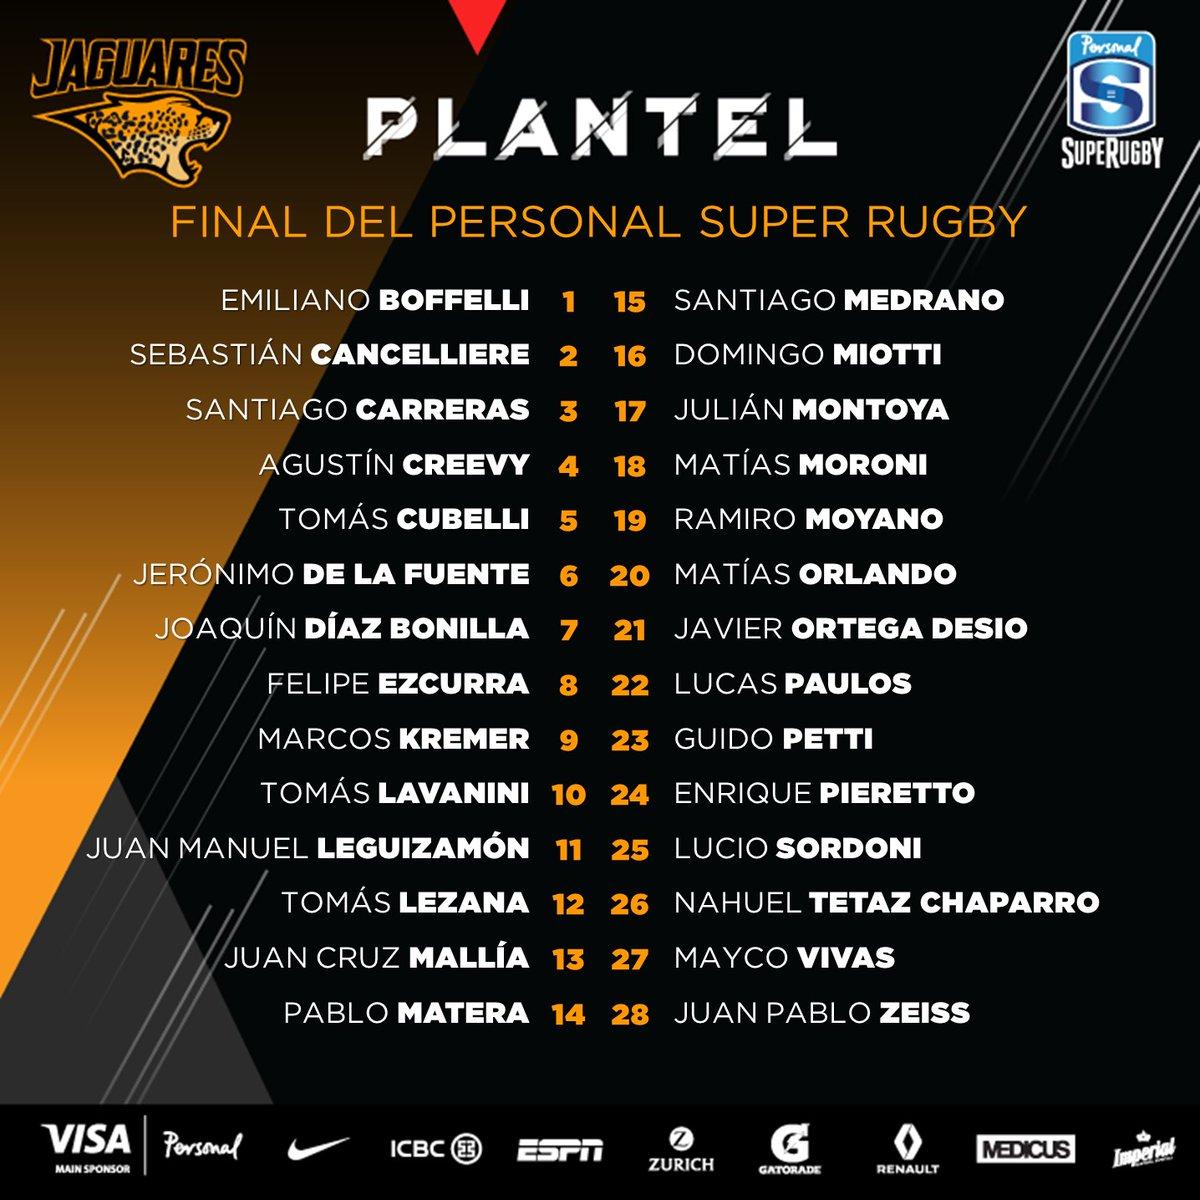 Plantel de Jaguares para la final del Super Rugby #CRUvJAG